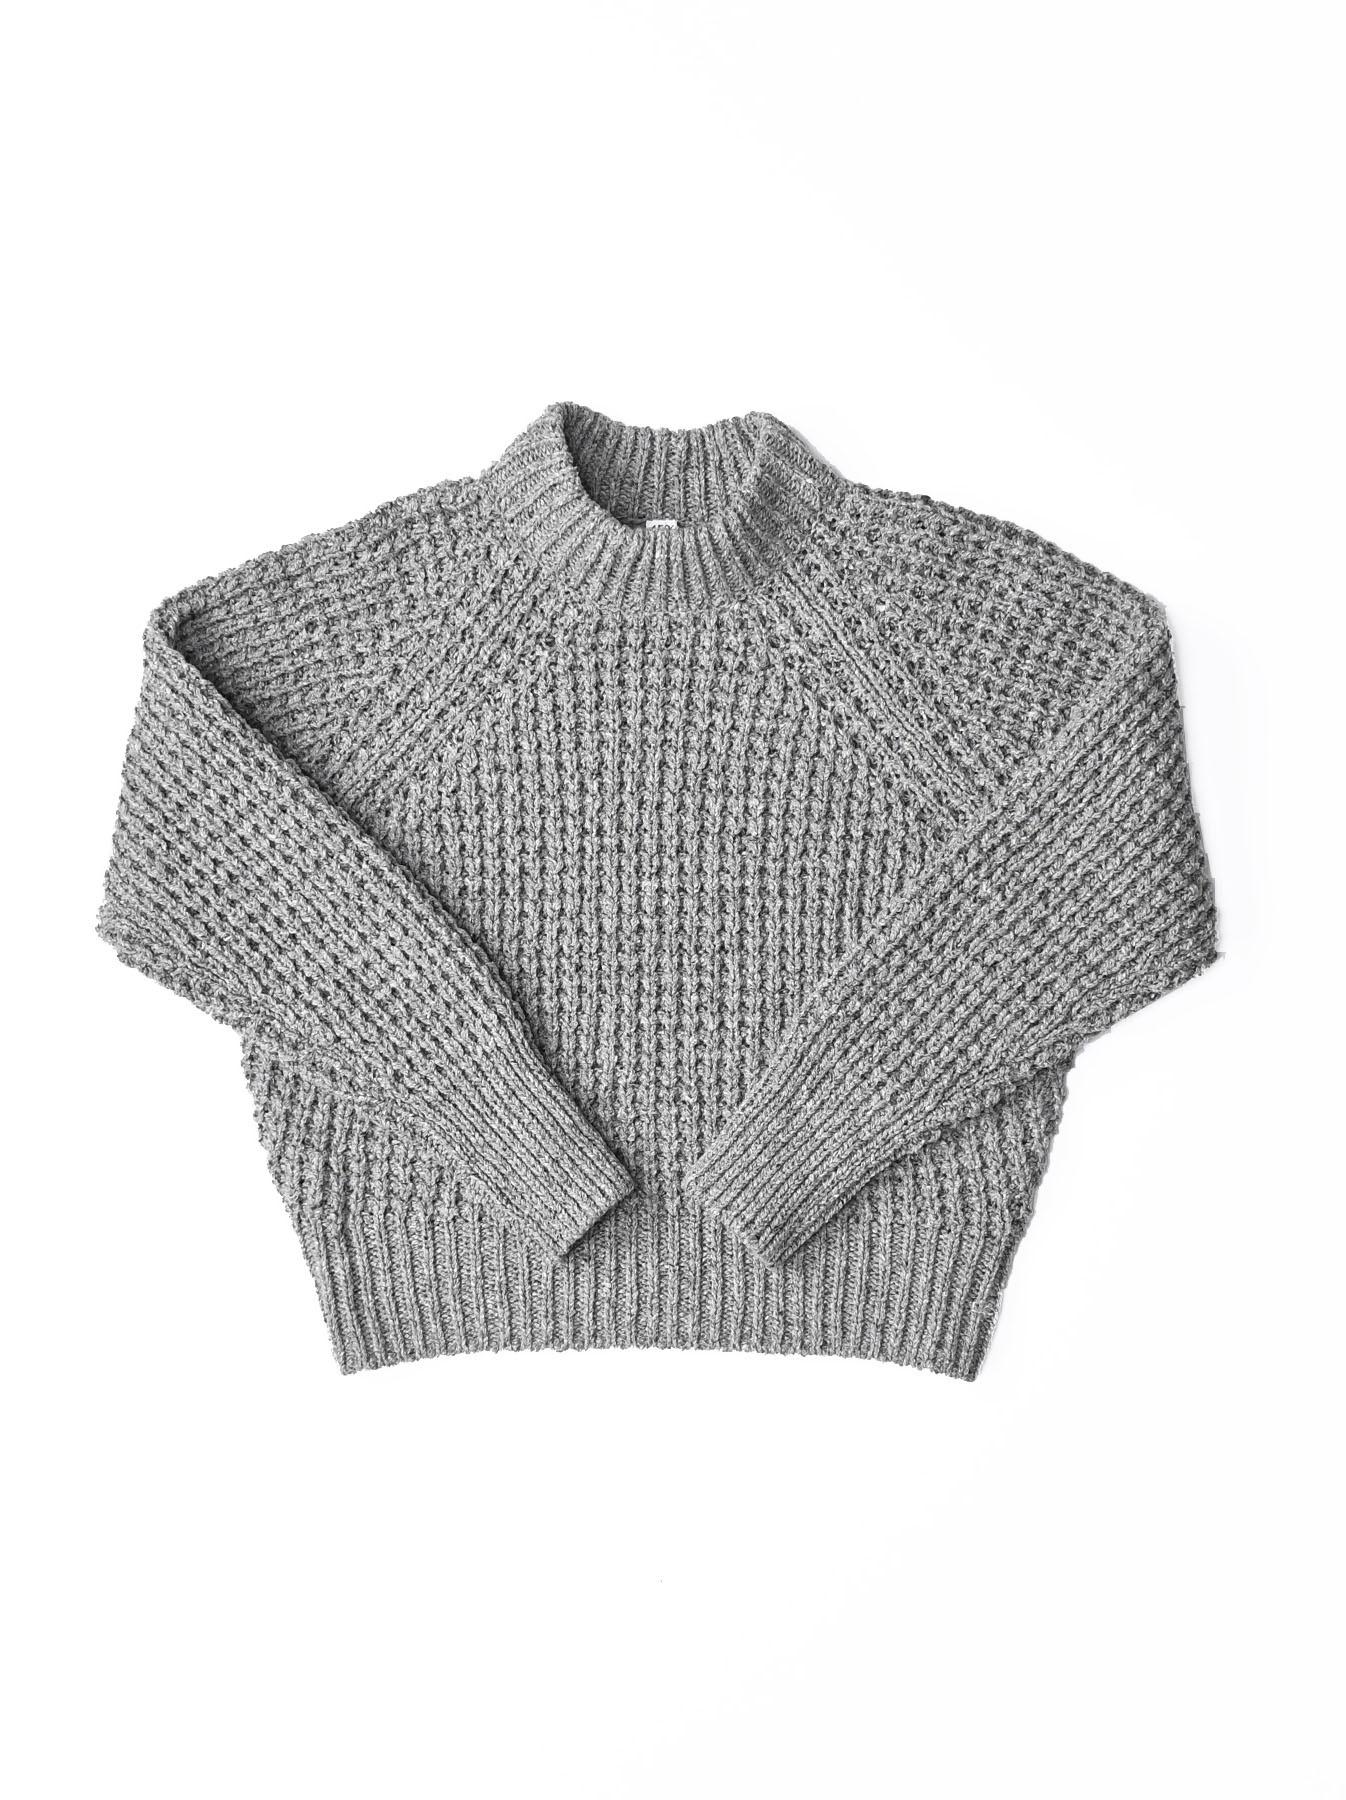 Cotton Knit-sew Big Waffle Sweater-1